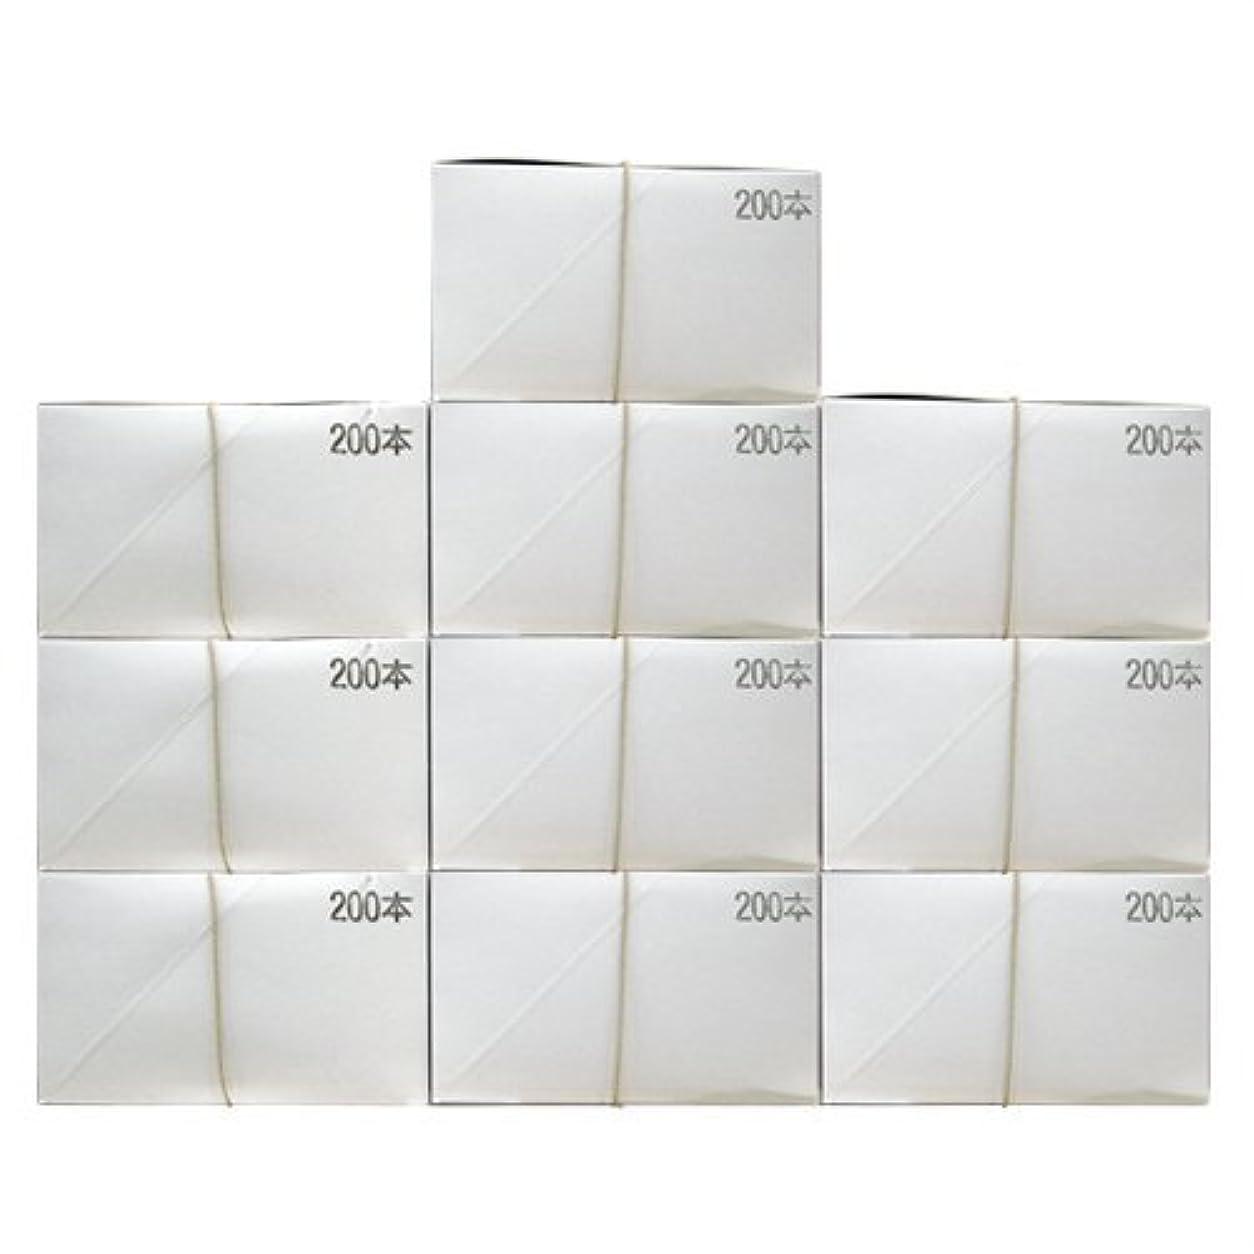 イノセンス製造業改善する業務用 日本製 使い捨て粉付き歯ブラシ 個包装タイプ (2000本入)│ホテルアメニティ